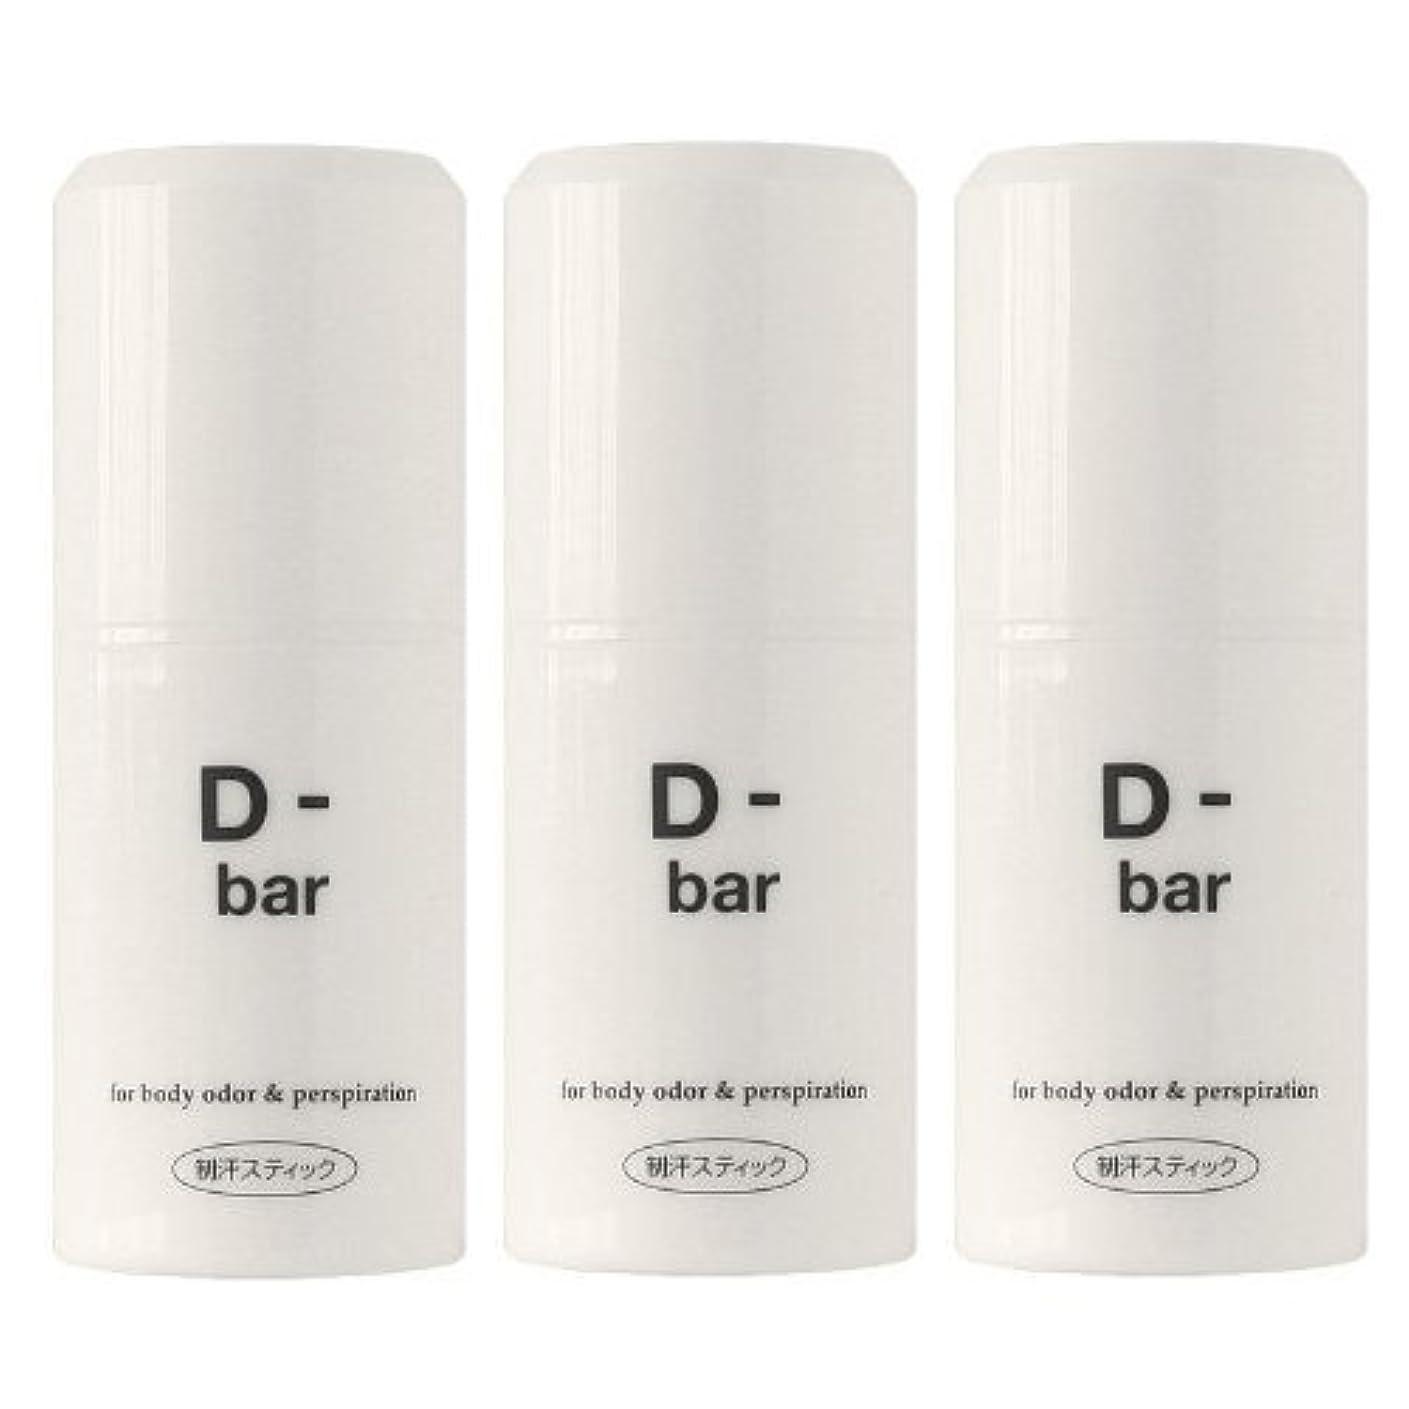 親愛な飢饉協力的ディーバー(D-bar) 3本セット